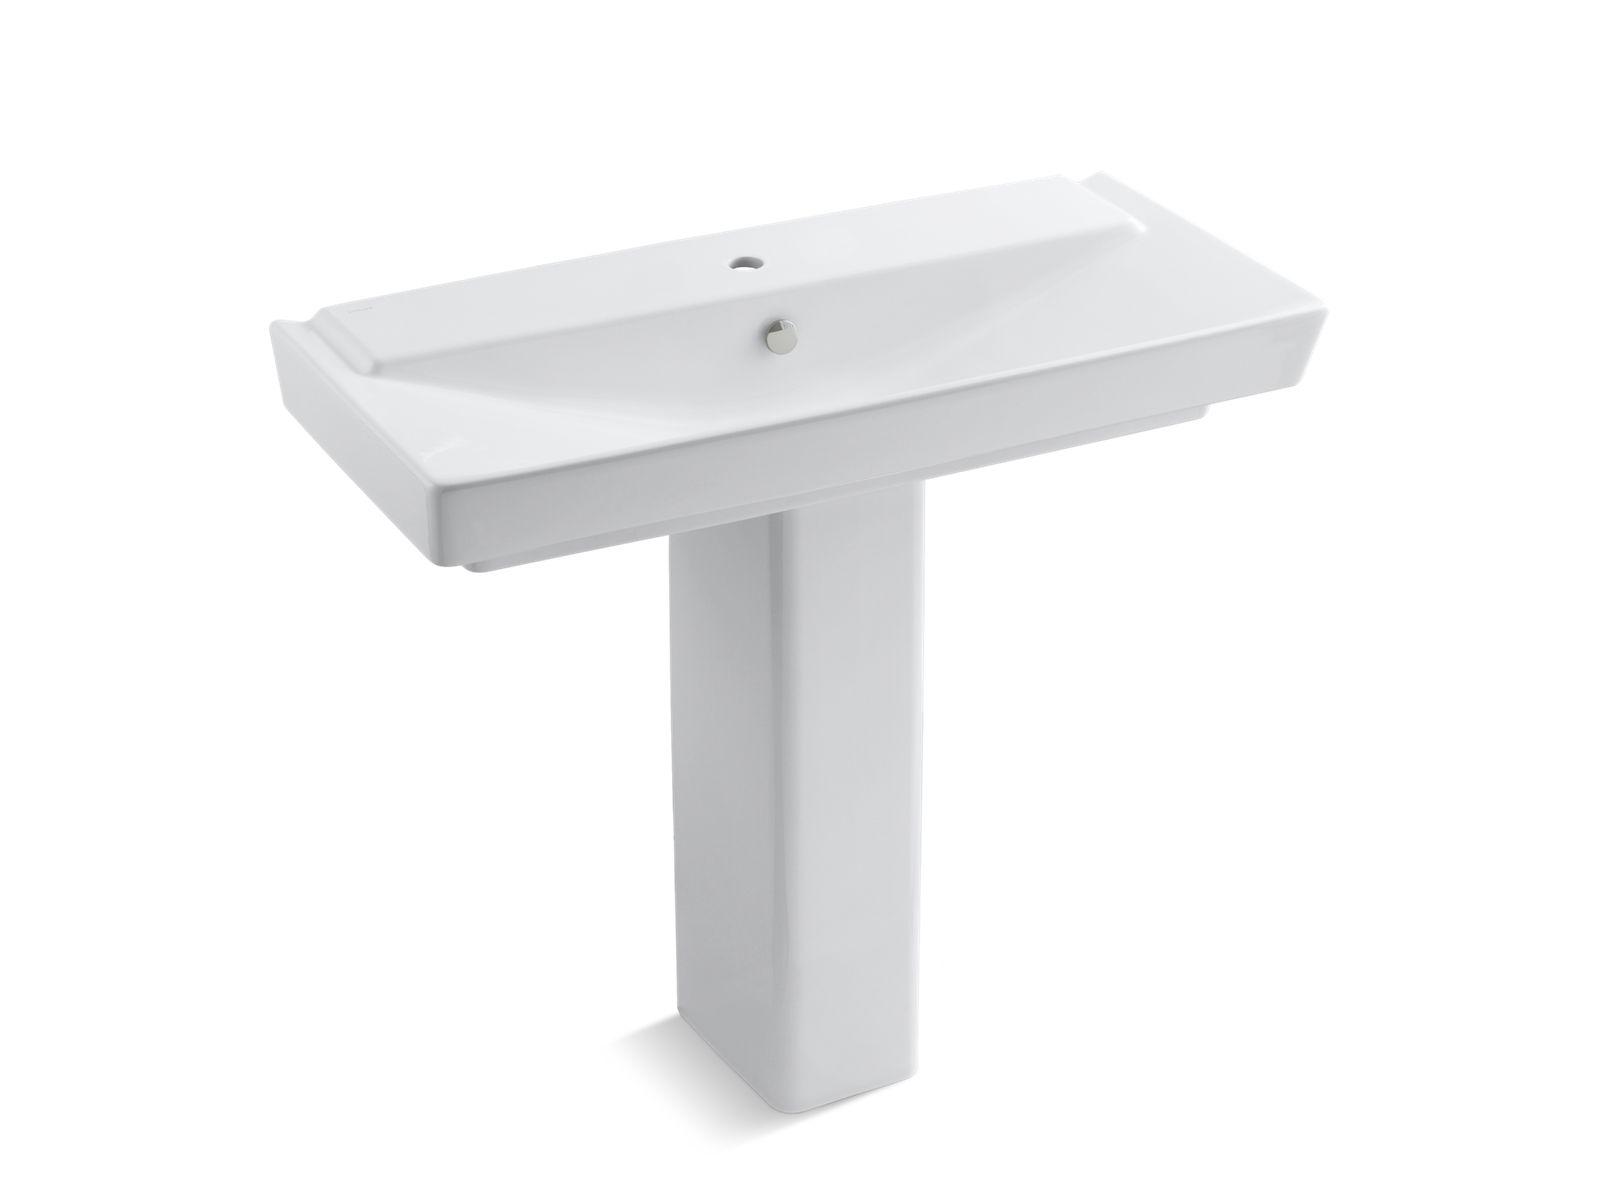 Gleaming gold bathroom kohler ideas - Kohler pedestal sinks small bathrooms ...